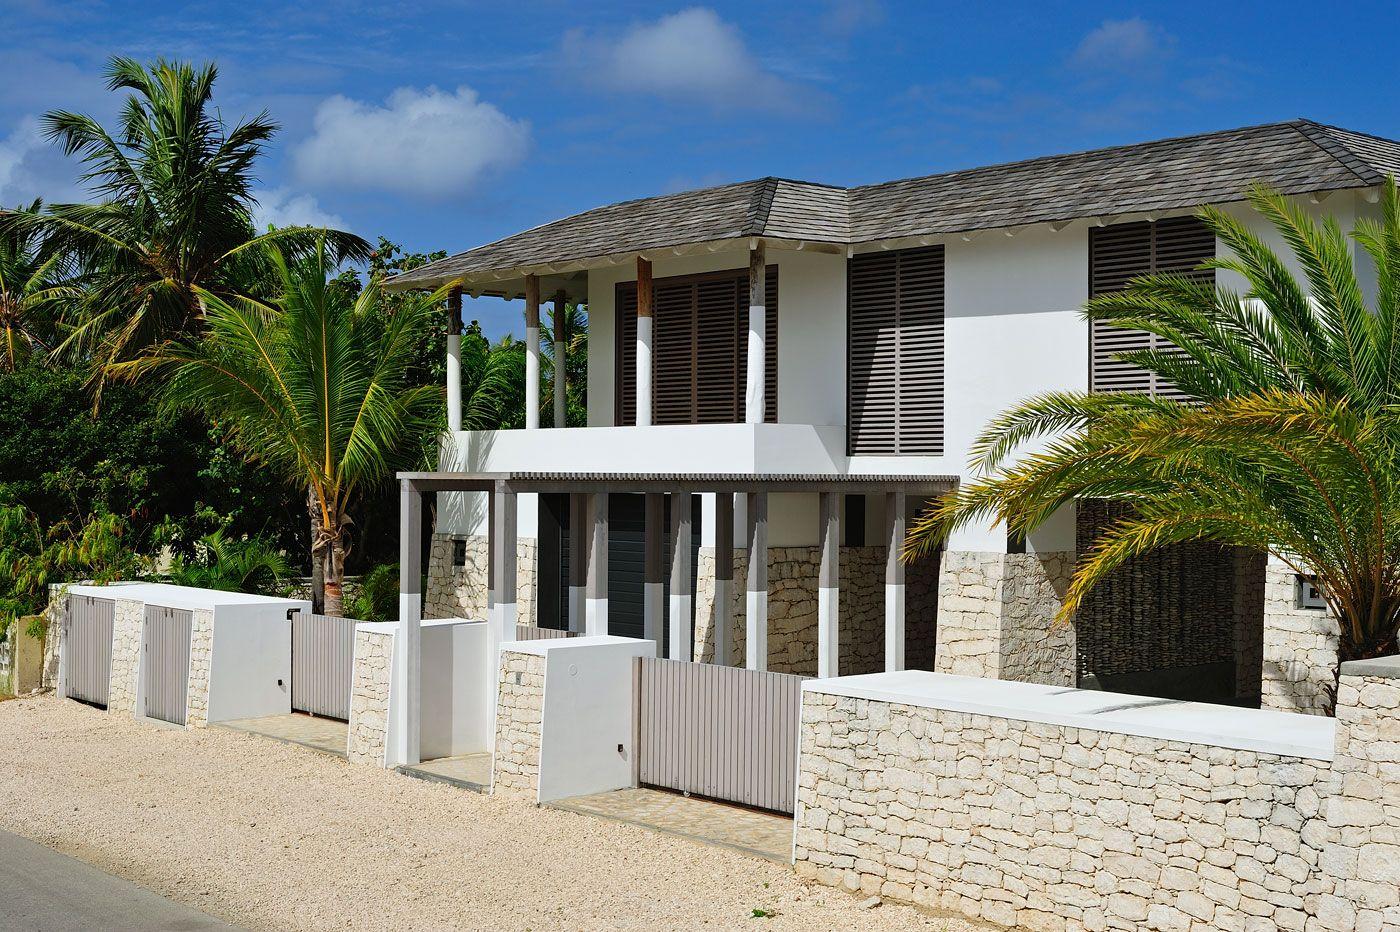 Villa kas chapin 1 jpg 1075x535 pixels facade house house facades